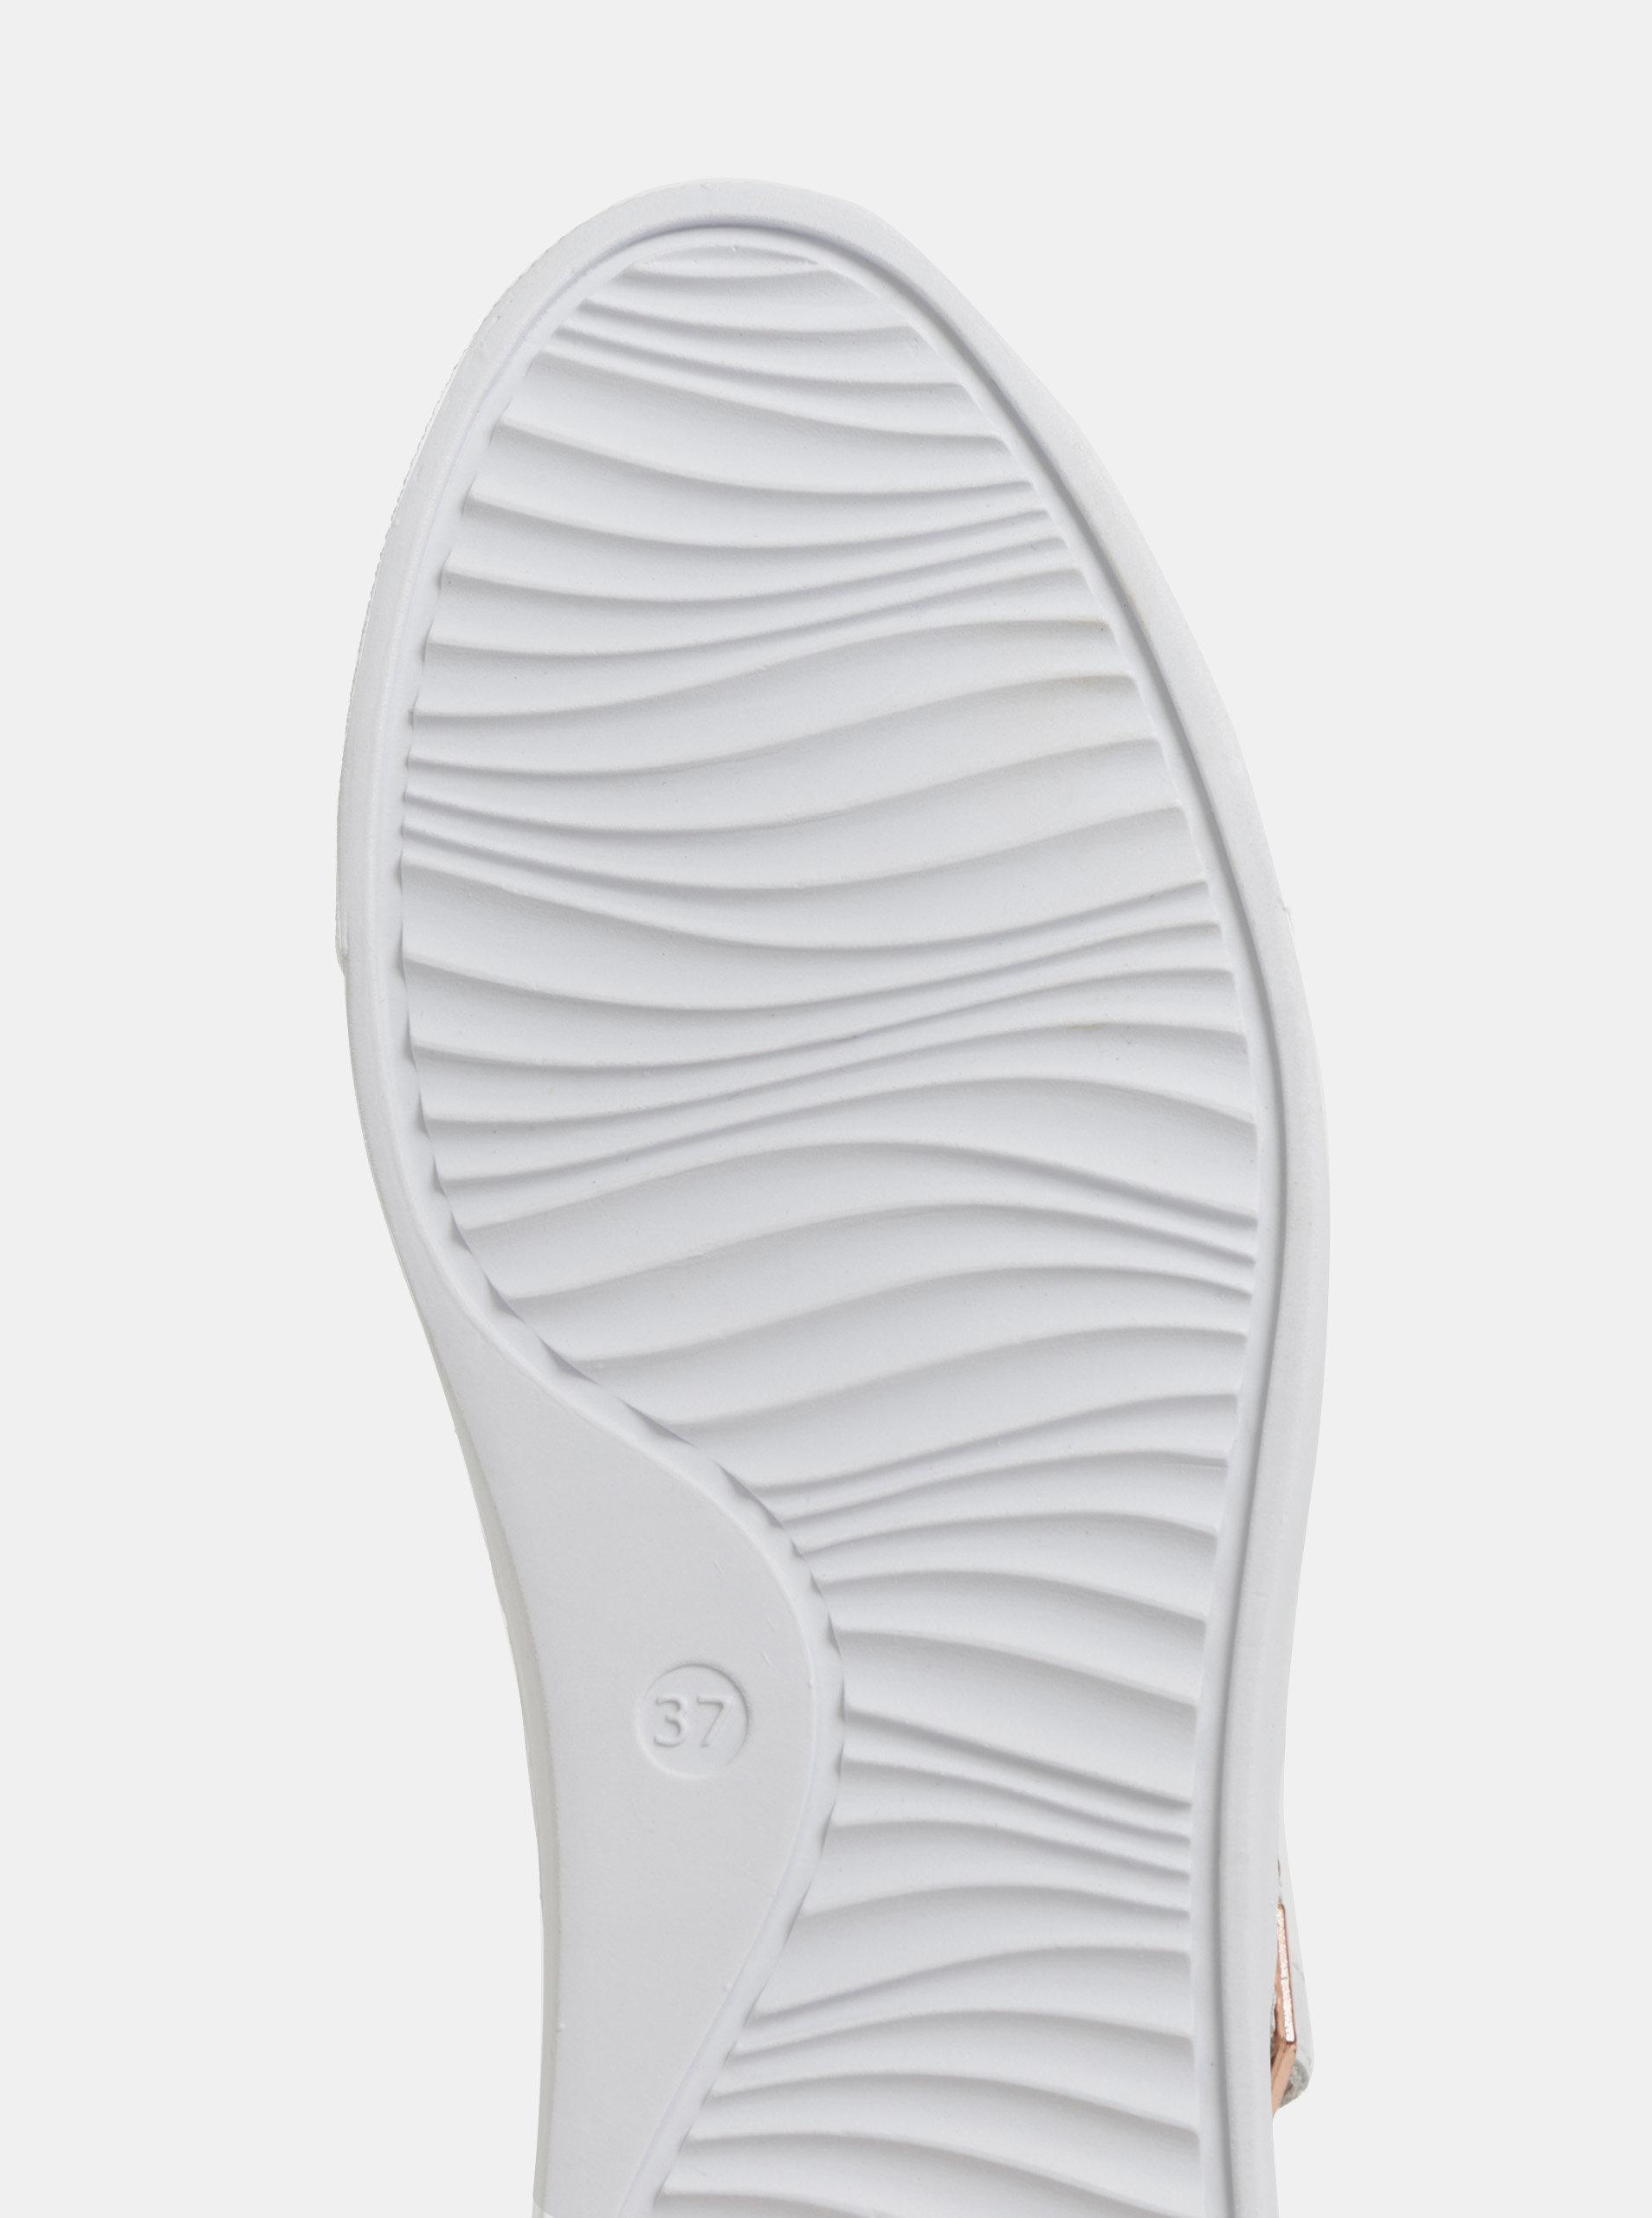 0cec36a15e06 Biele vzorované kožené tenisky na platforme Tamaris ...